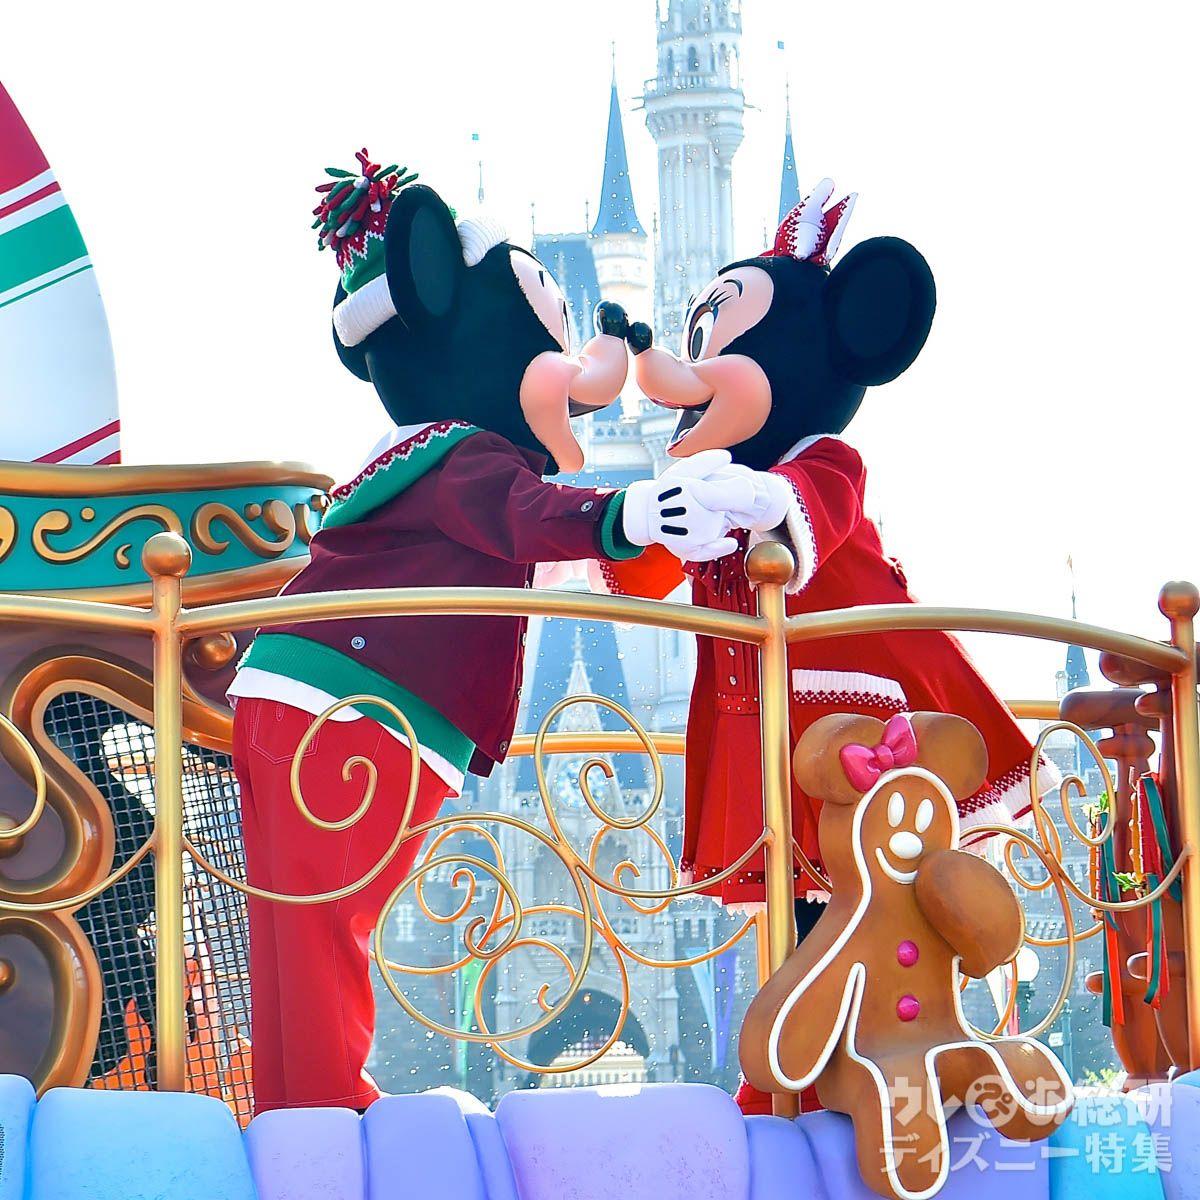 """テーマパーク・エンタメ情報@ウレぴあ総研 on twitter: """"tdlクリスマス"""